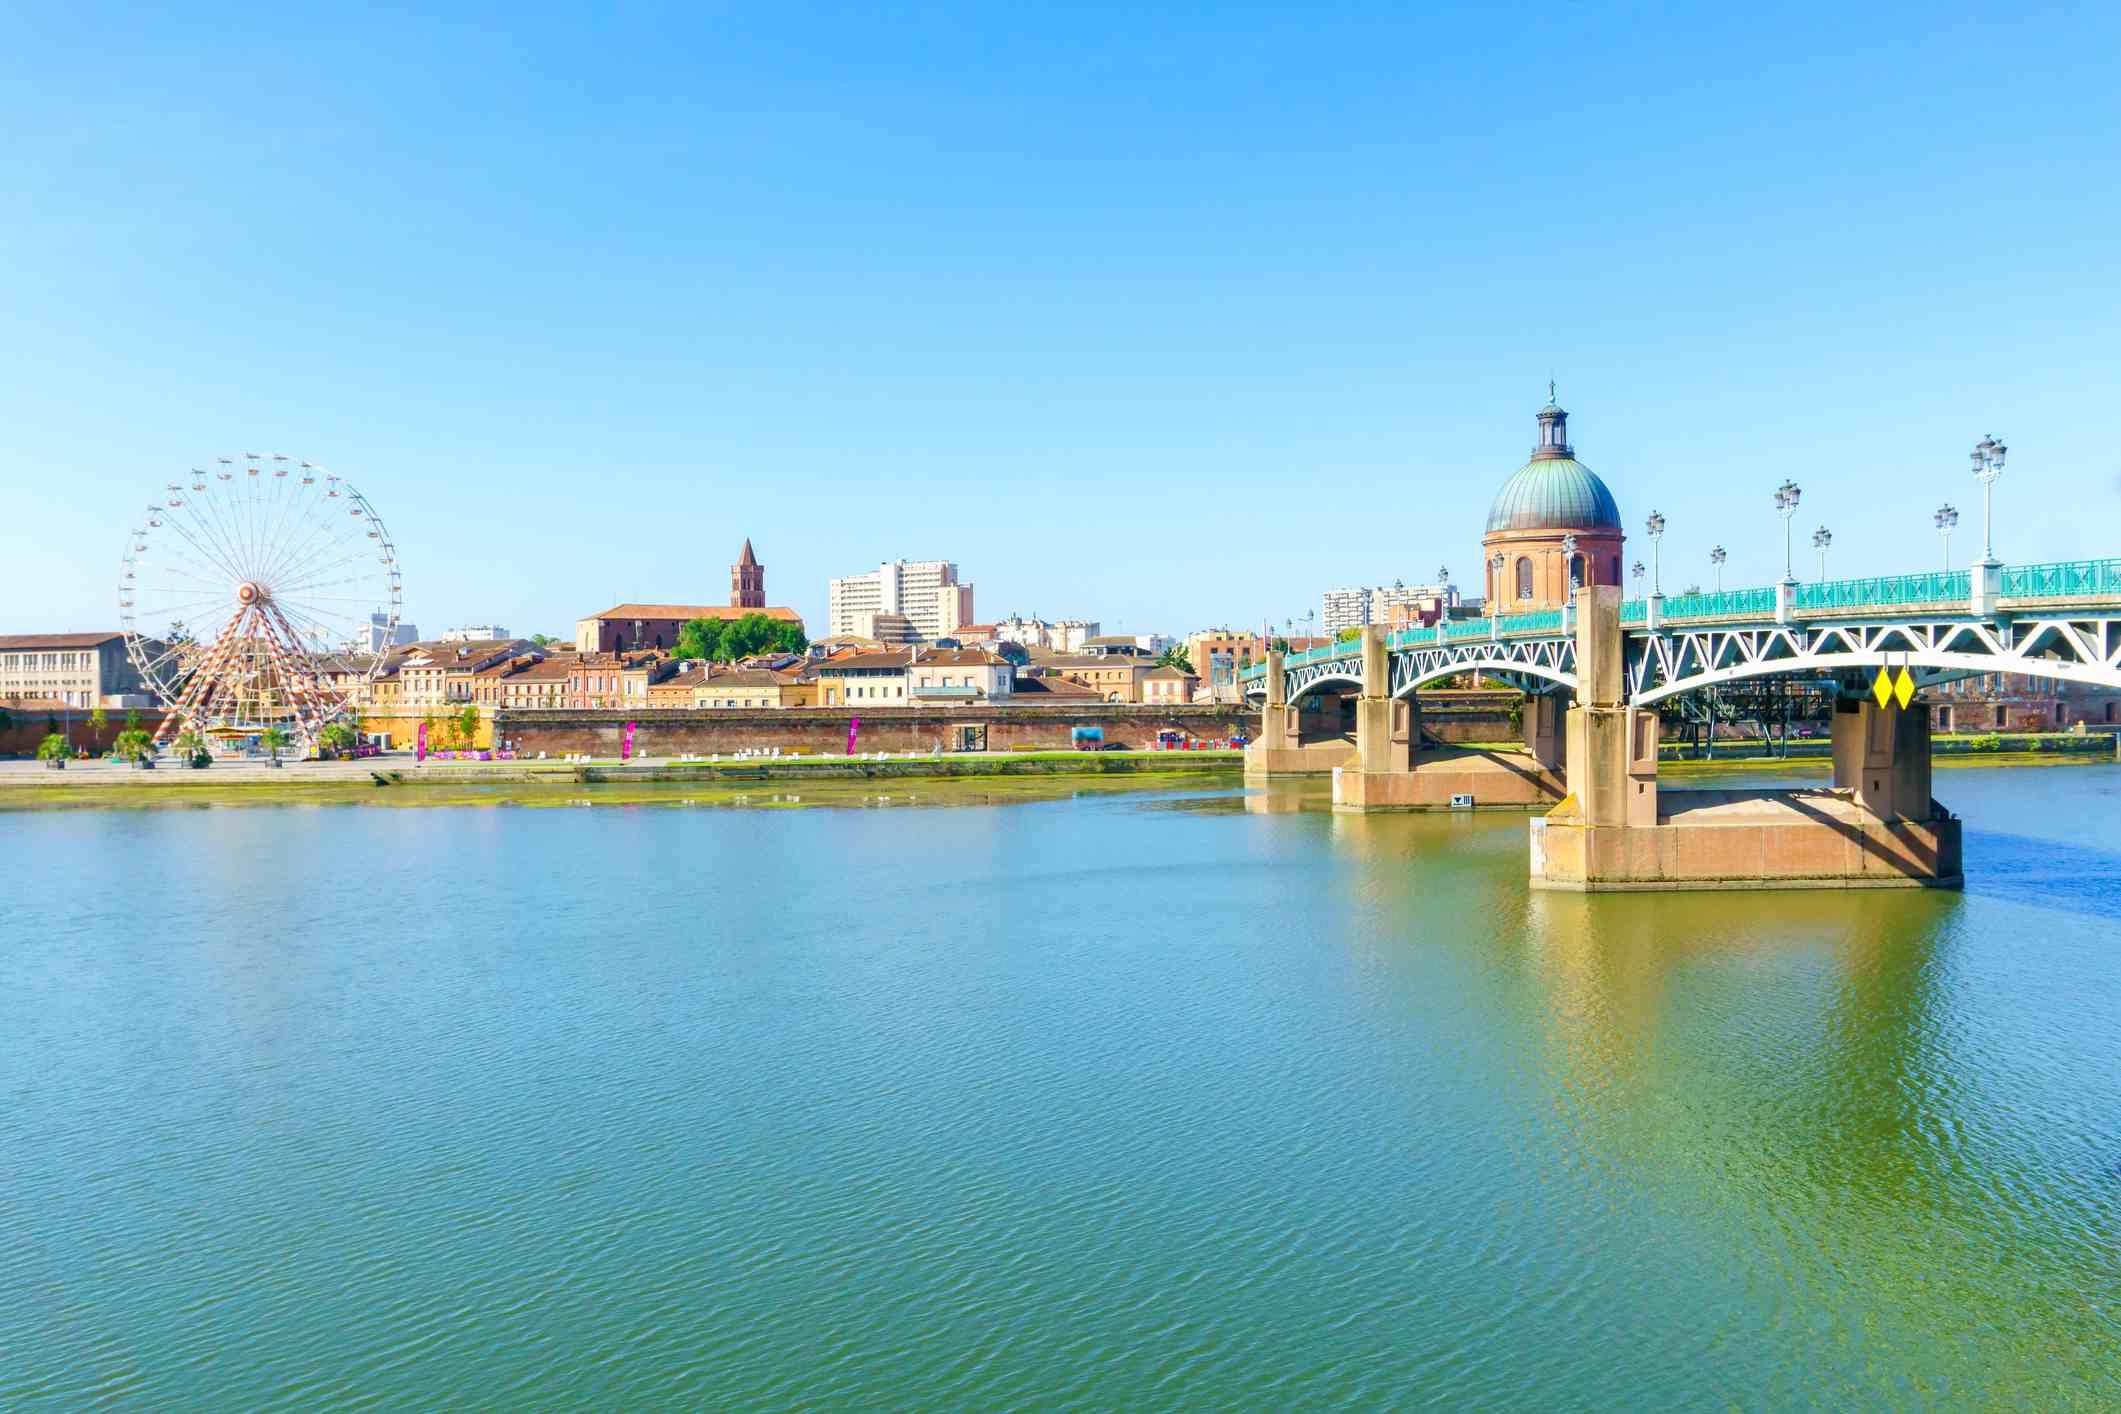 The Saint-Pierre bridge and Ferris Wheel and Hospital De La Grave in Toulouse, France